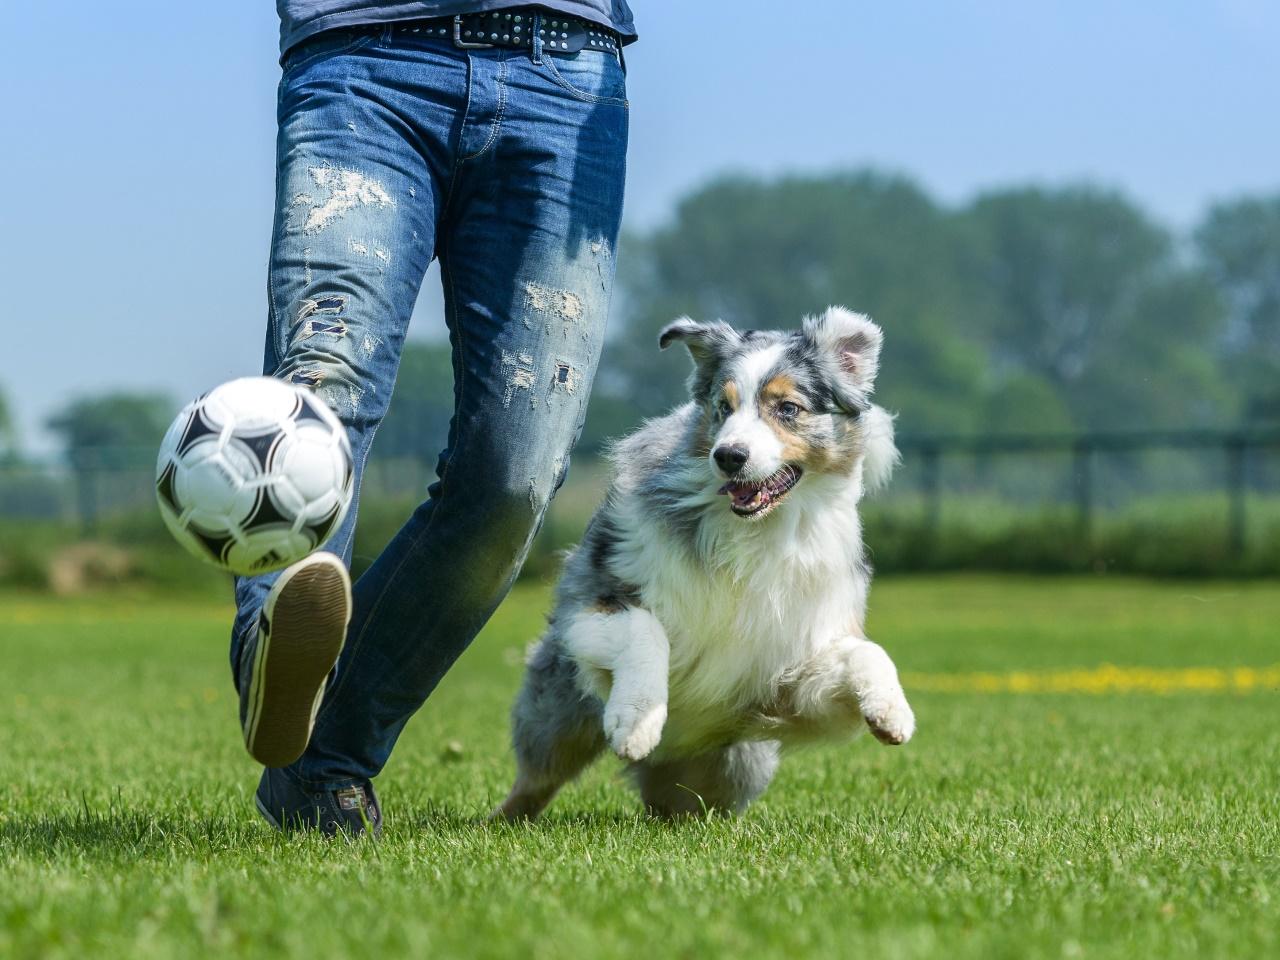 b033012059fe8 So weit die Füße tragen: Wenn High Heels und Pantoffeln schaden | SN.at